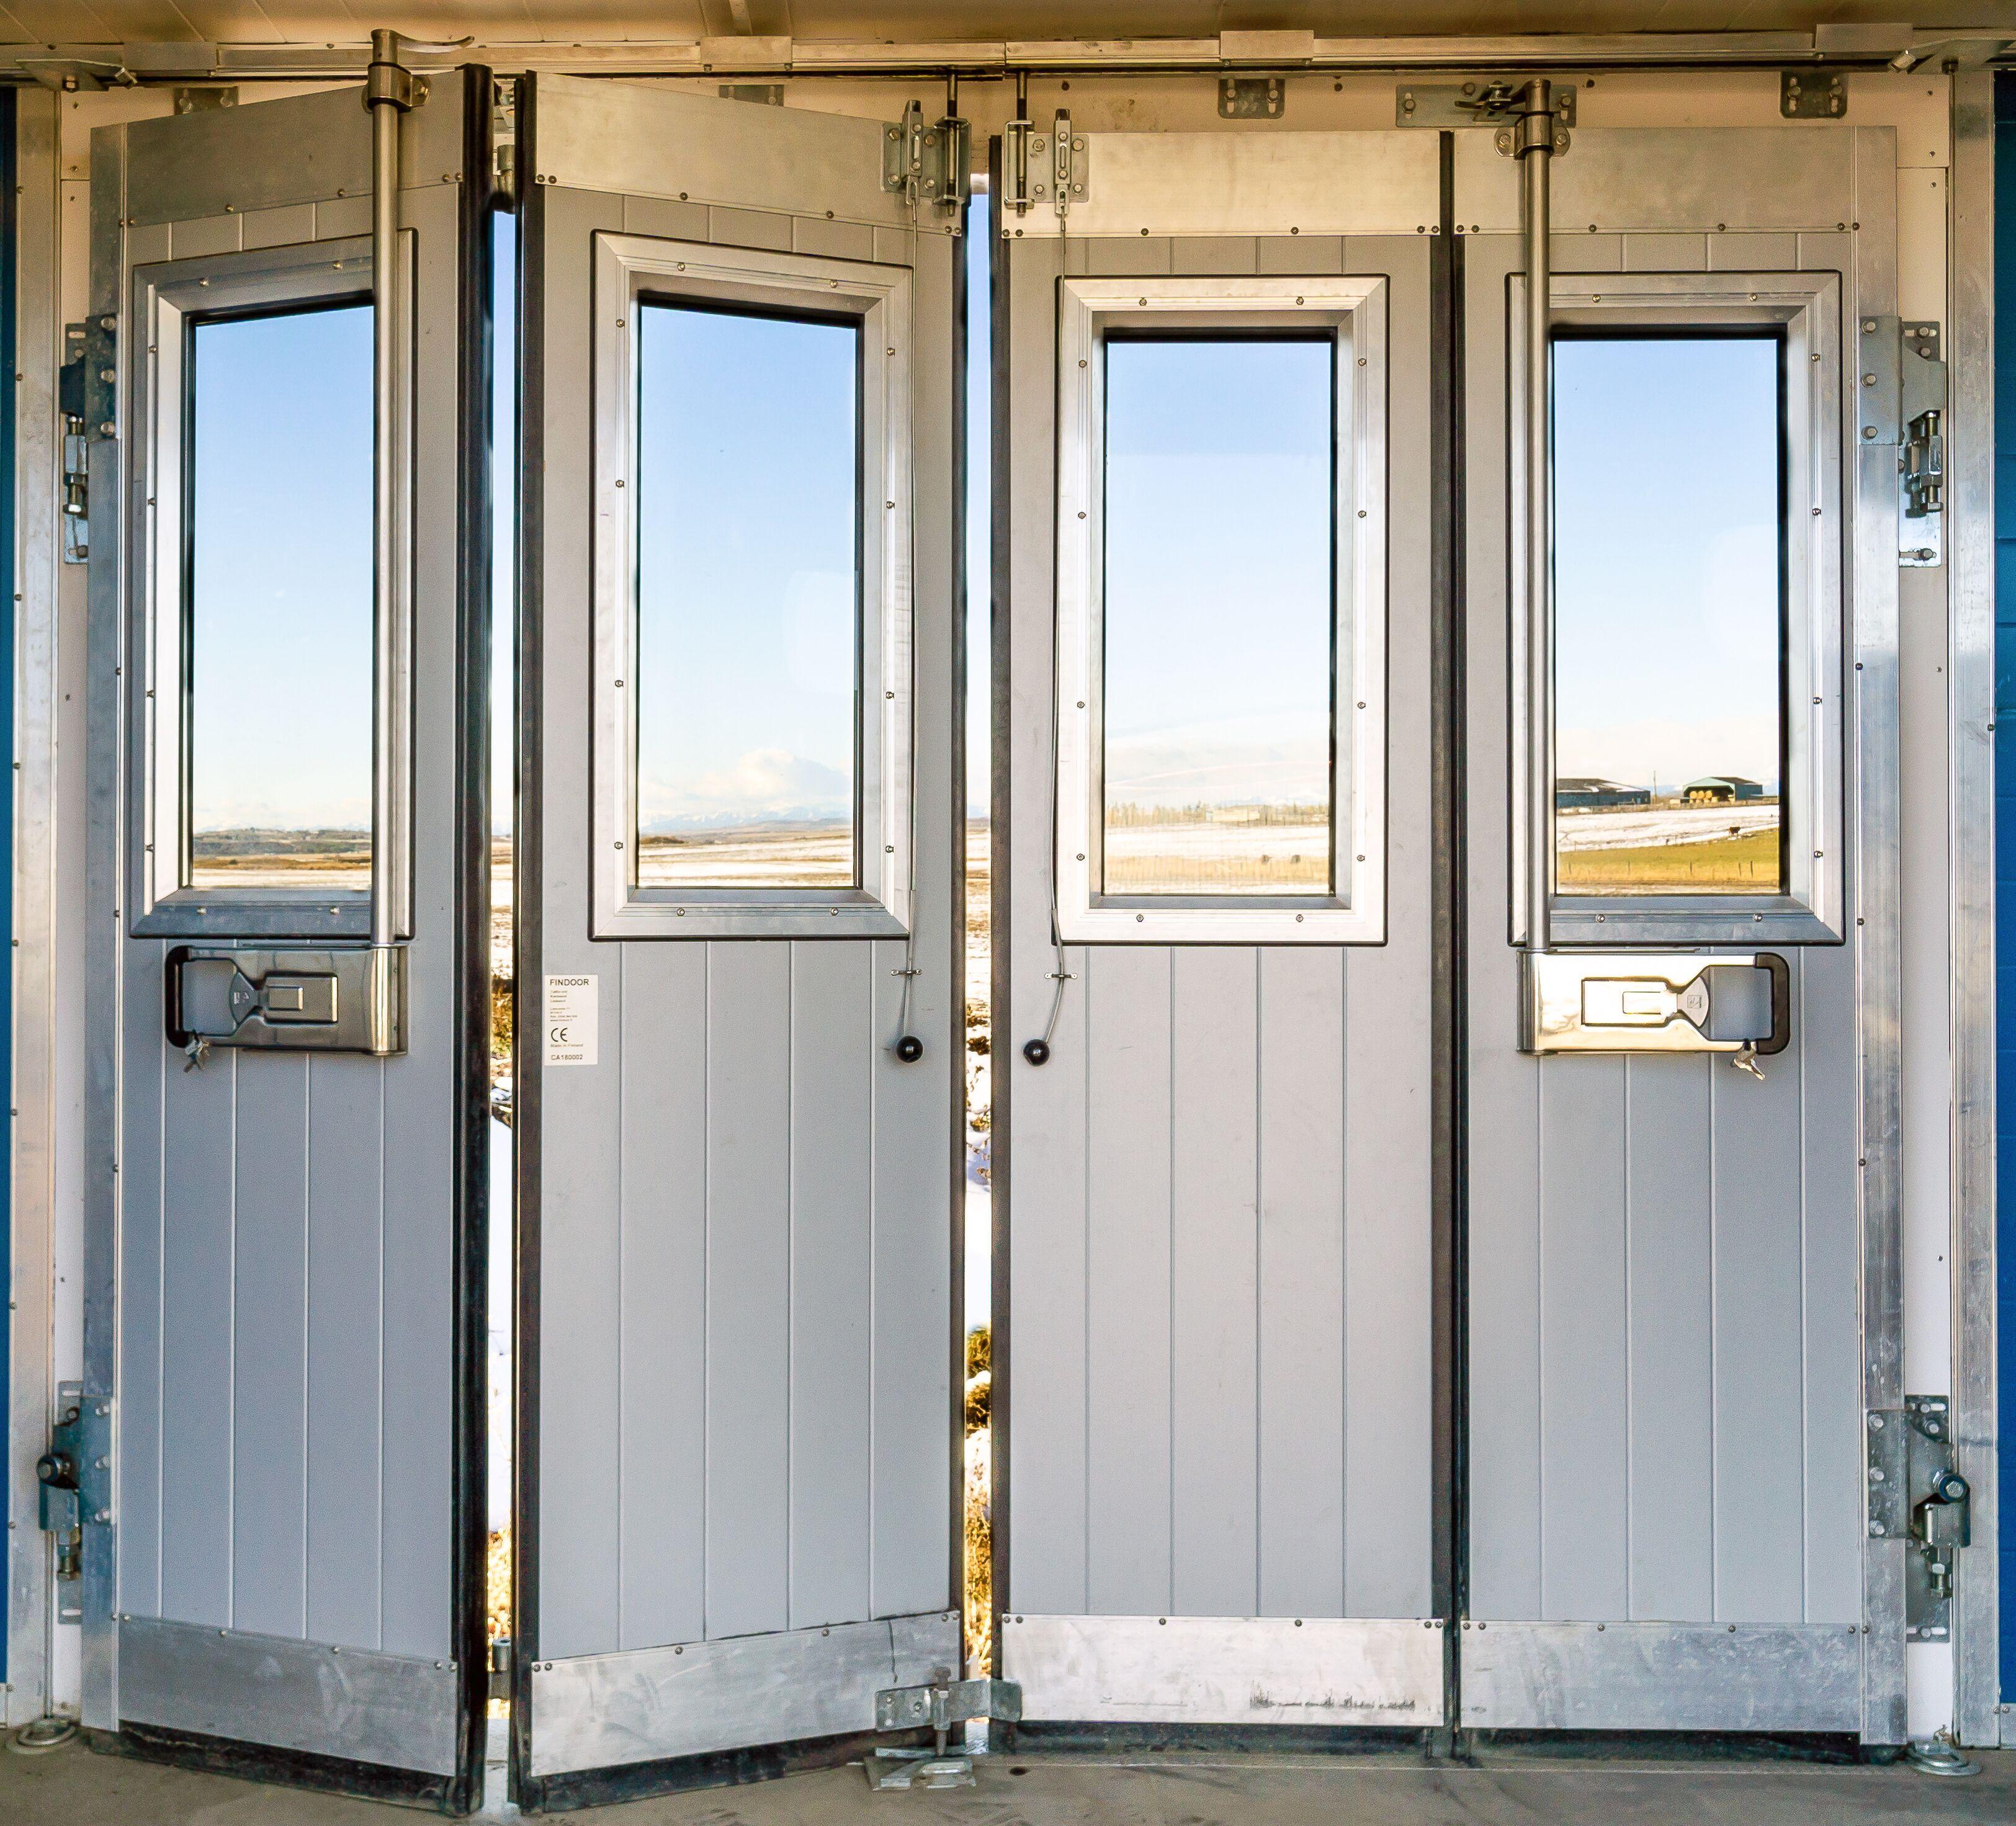 fin-doors.jpeg?mtime=20200127083011#asset:16148